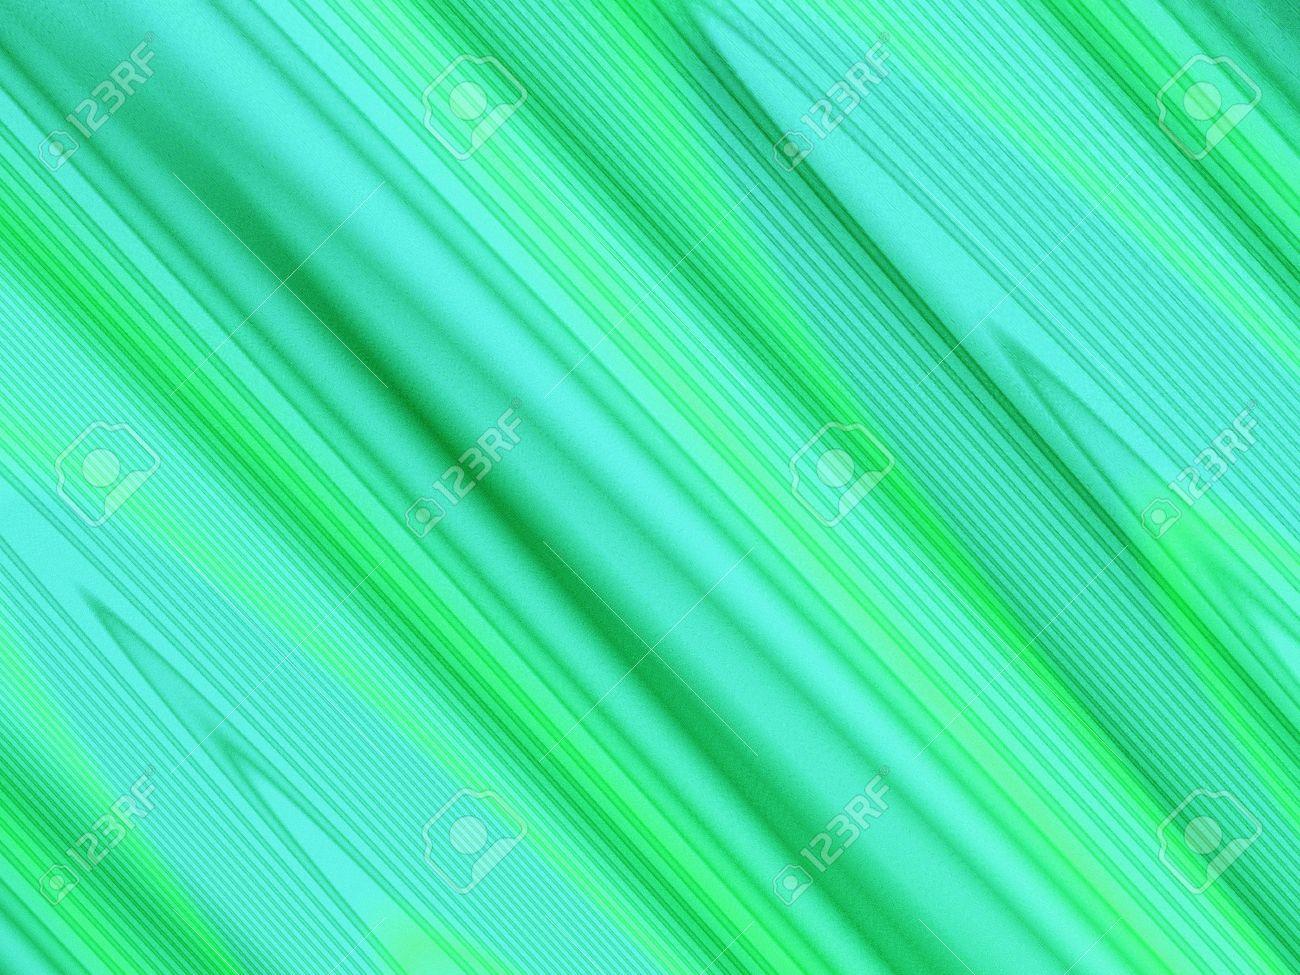 300  Dark Green Background Vectors | Download Free Vector Art ...